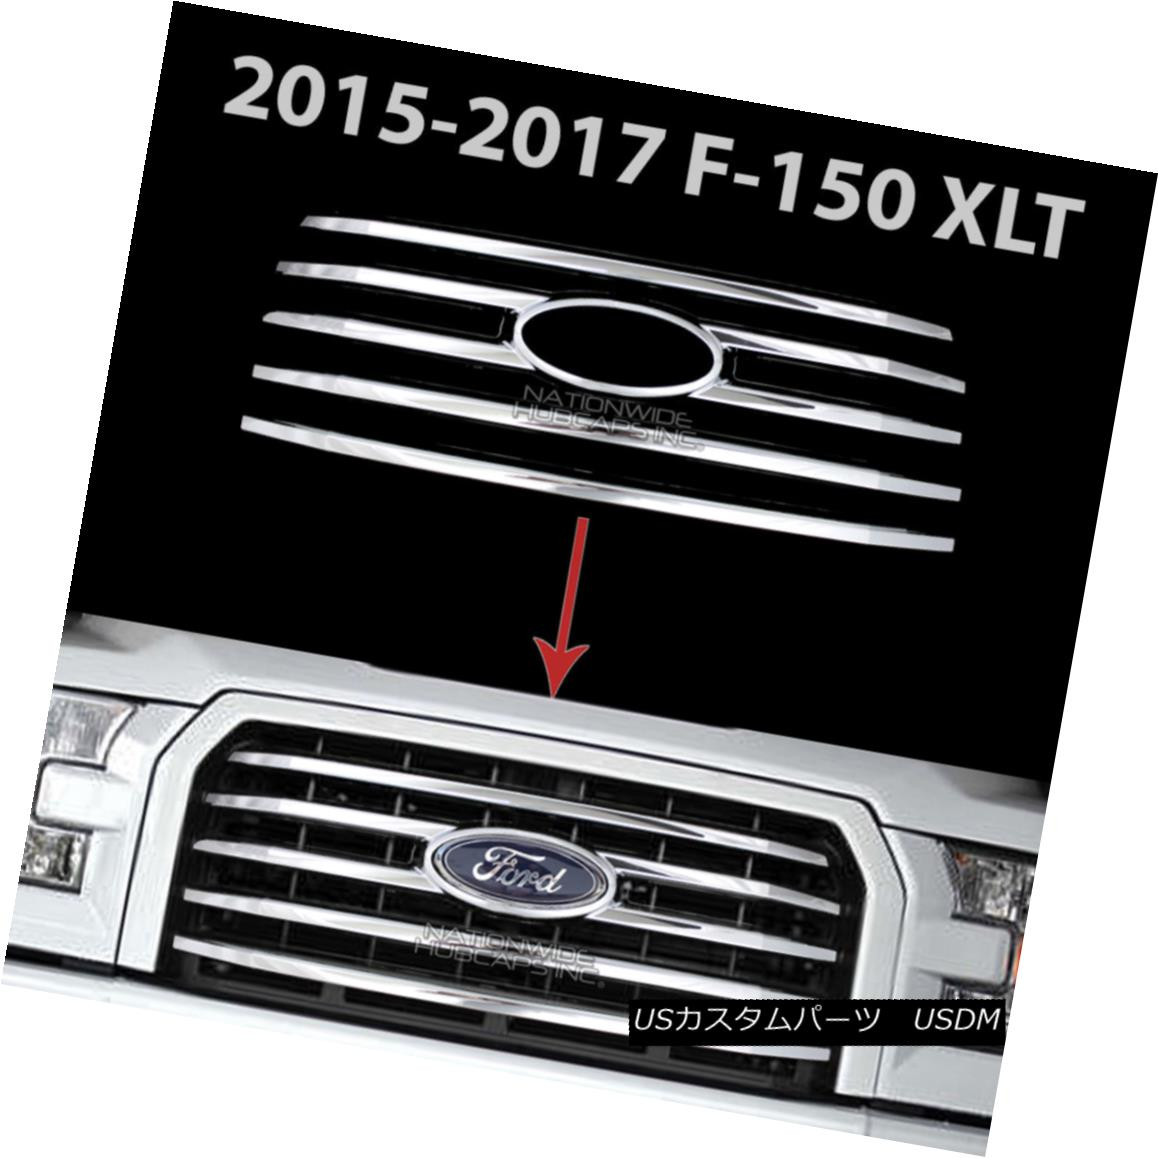 グリル 2015 16 2017 Ford F150 XLT CHROME Snap On Grille Overlay Front 5 Bar Grill Cover 2015 16 2017フォードF150 XLTクロームスナップオングリルオーバーレイフロント5バーグリルカバー